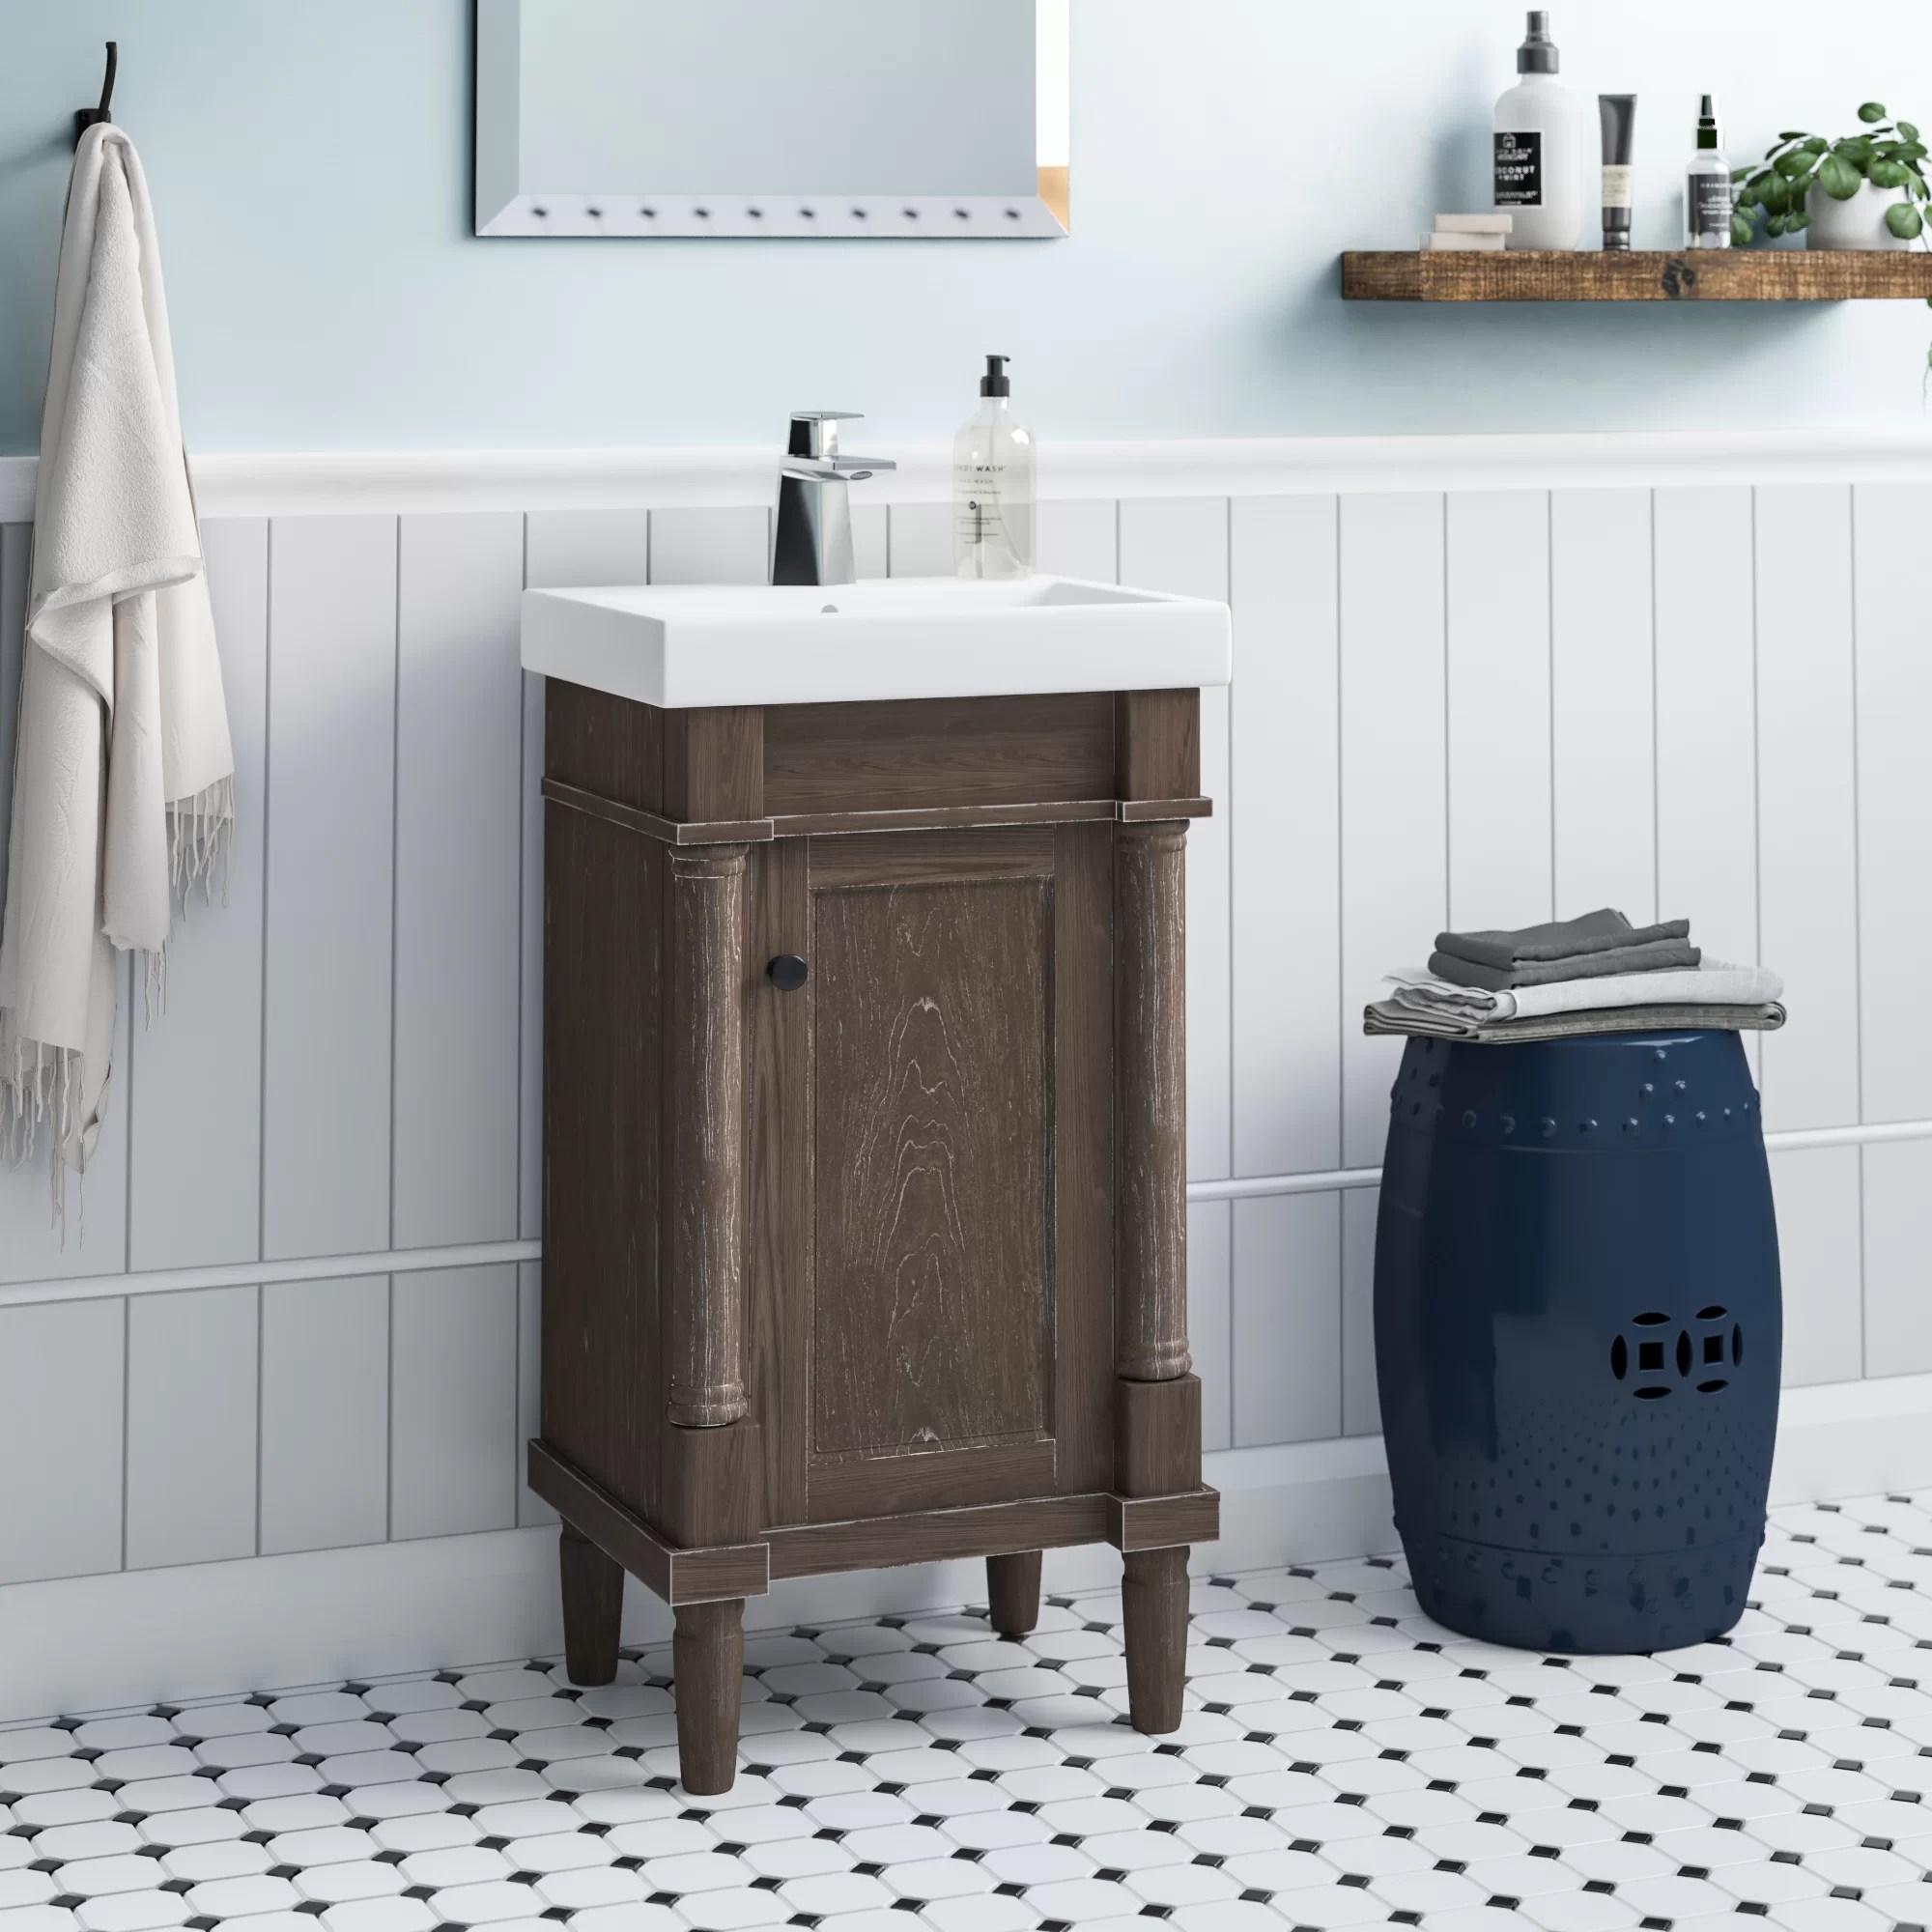 18 inch vanities you ll love in 2021